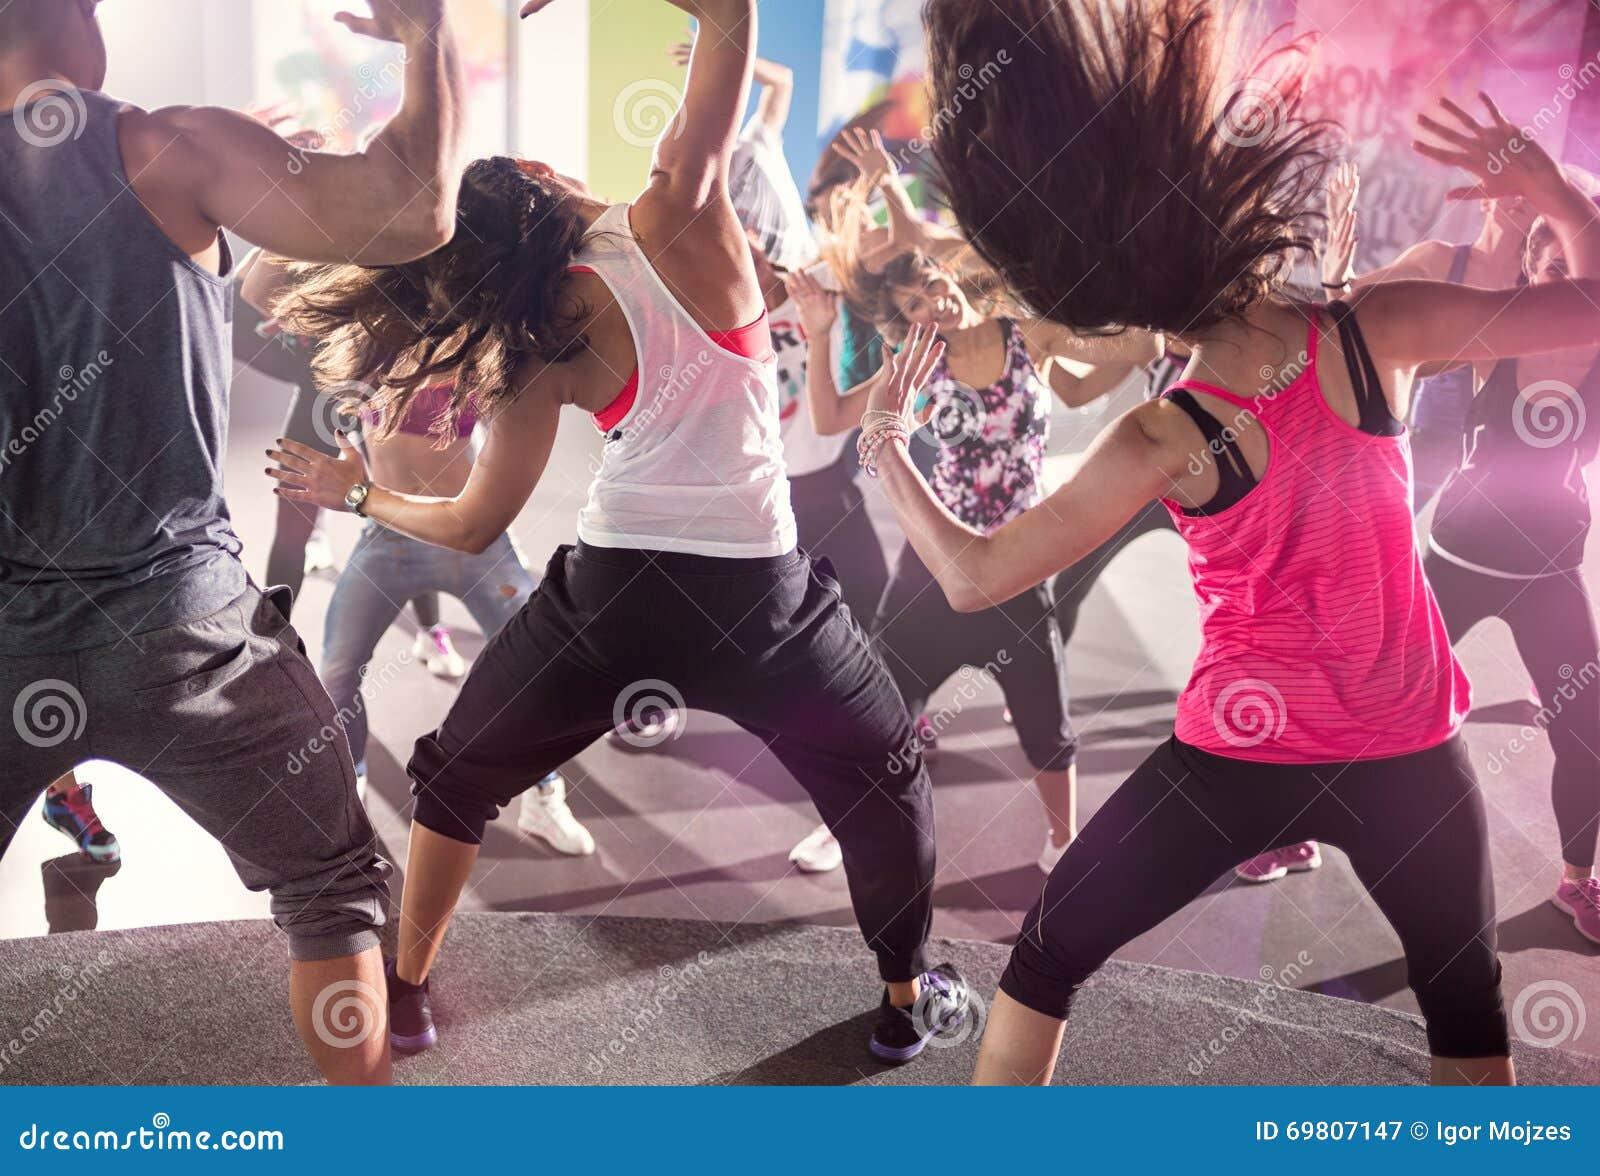 Groupe de personnes à la classe de danse urbaine